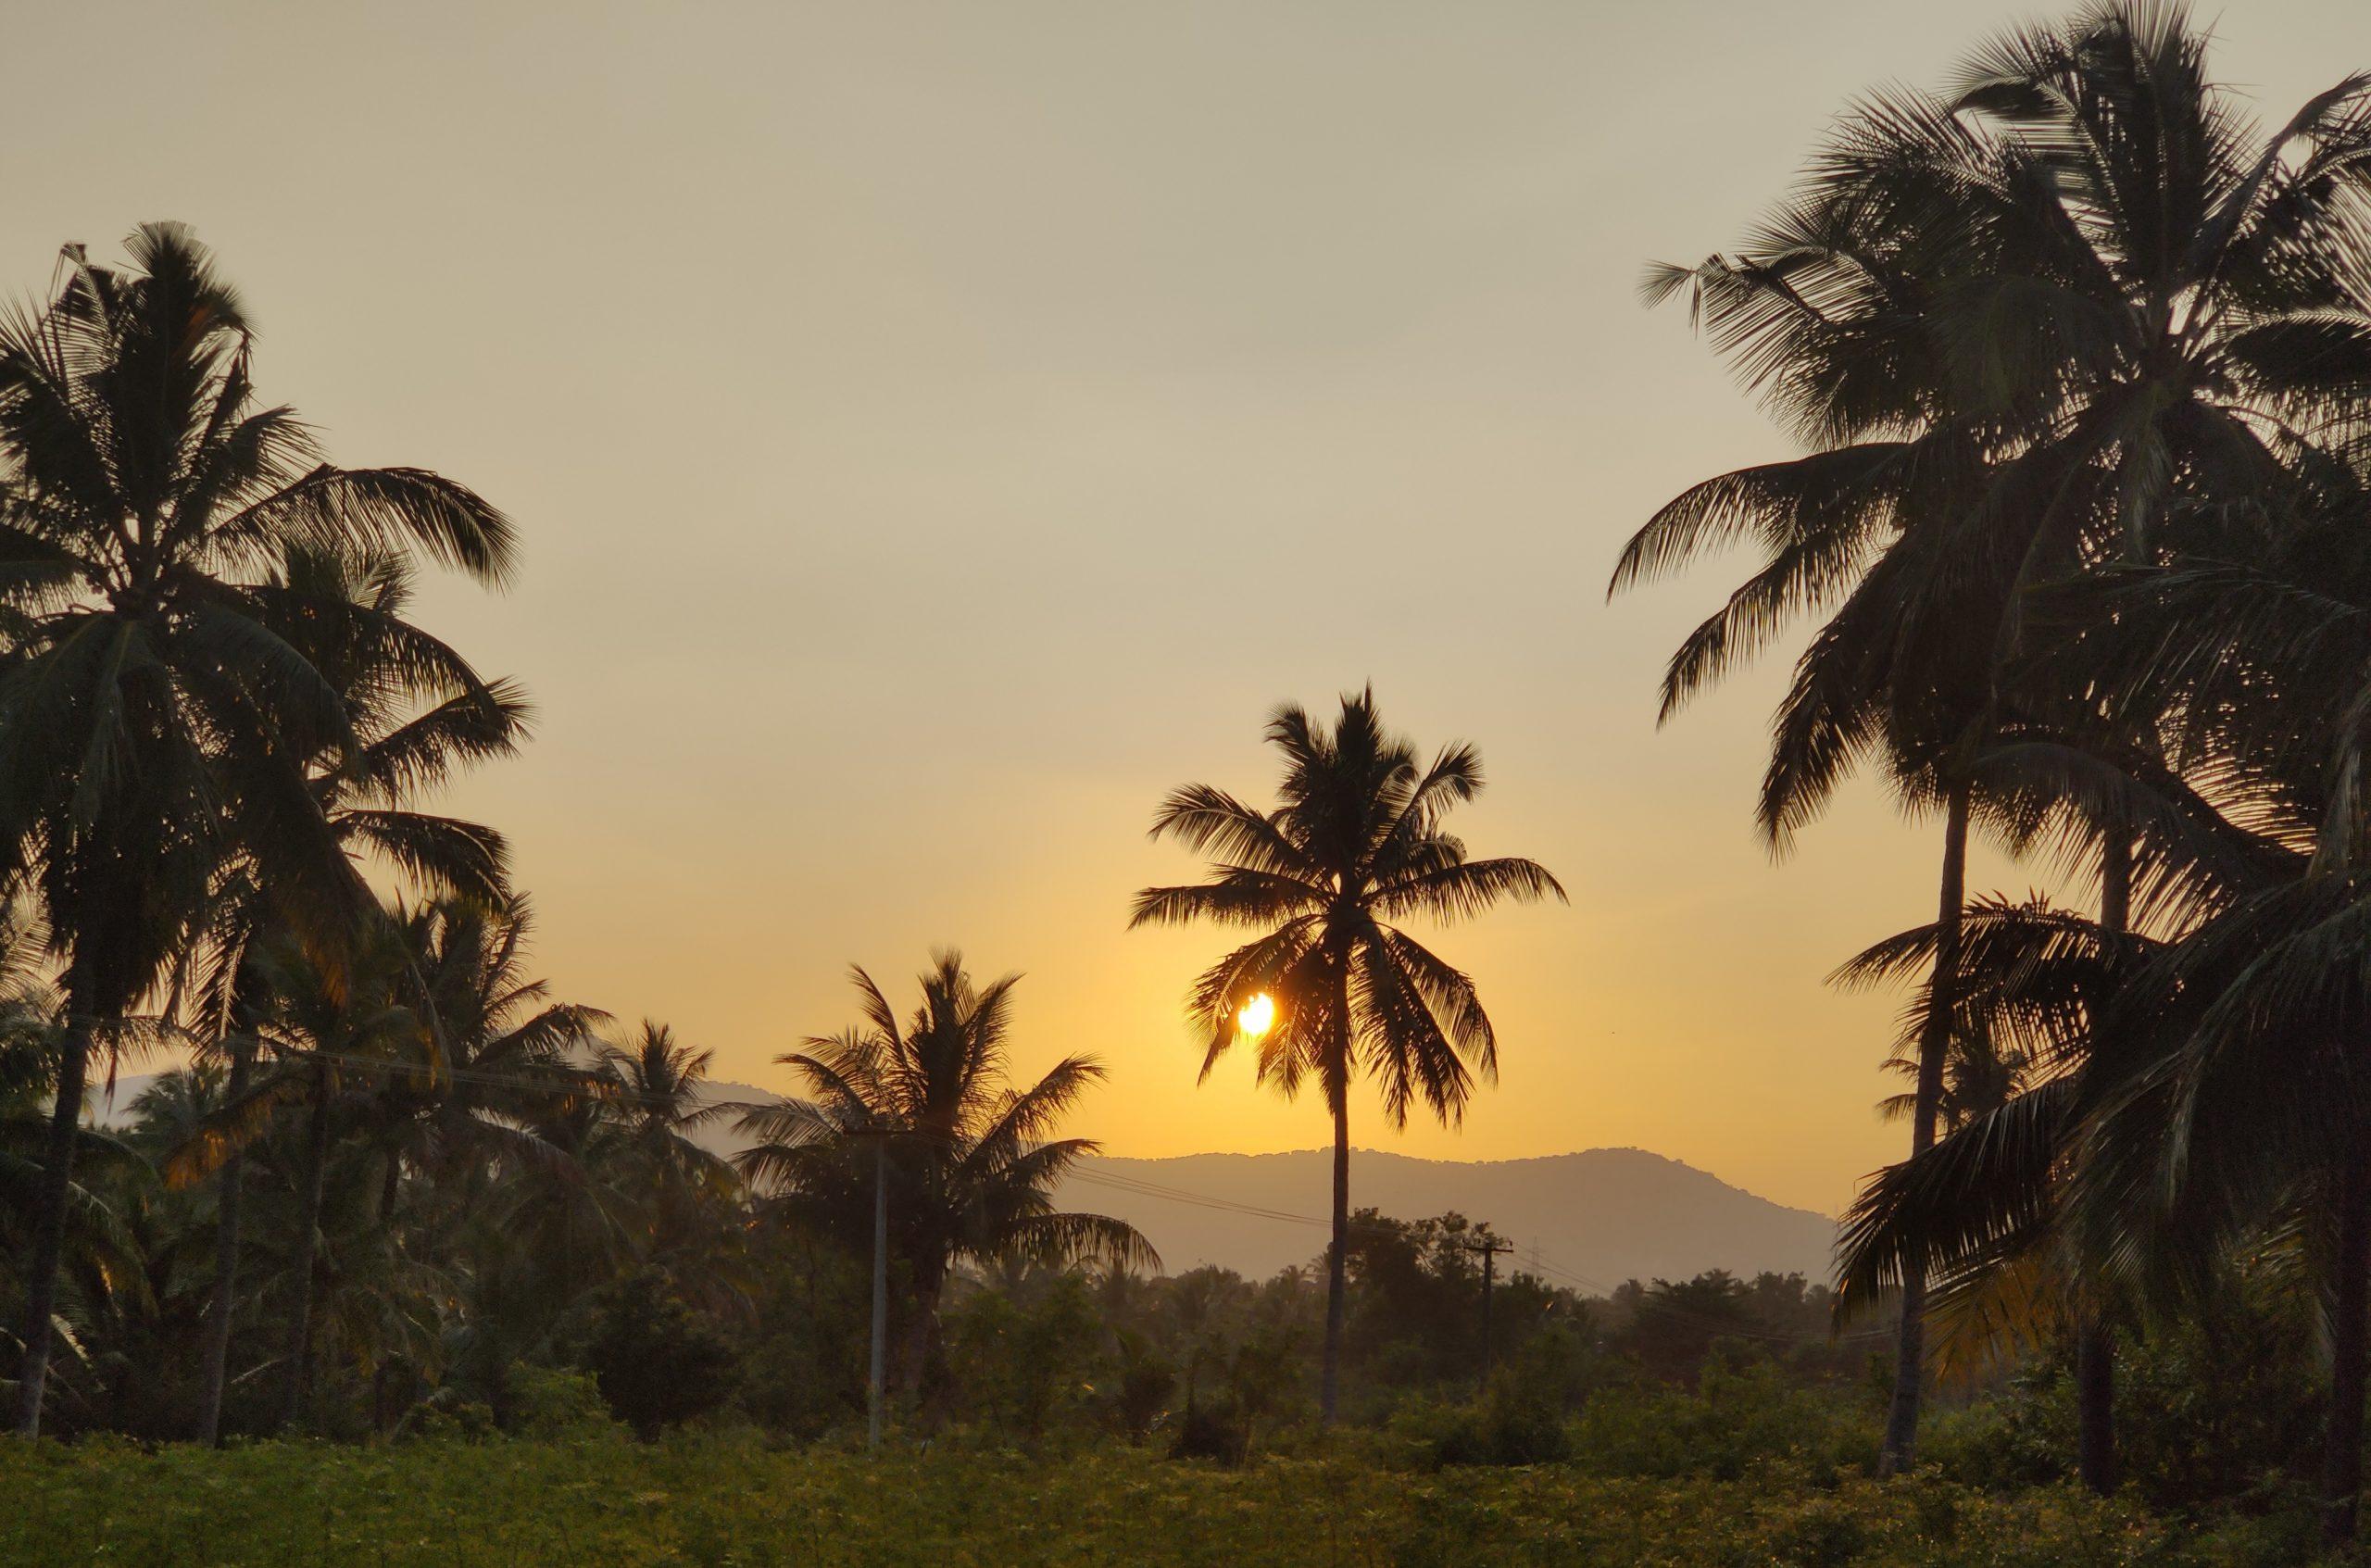 Sun rising through palm trees